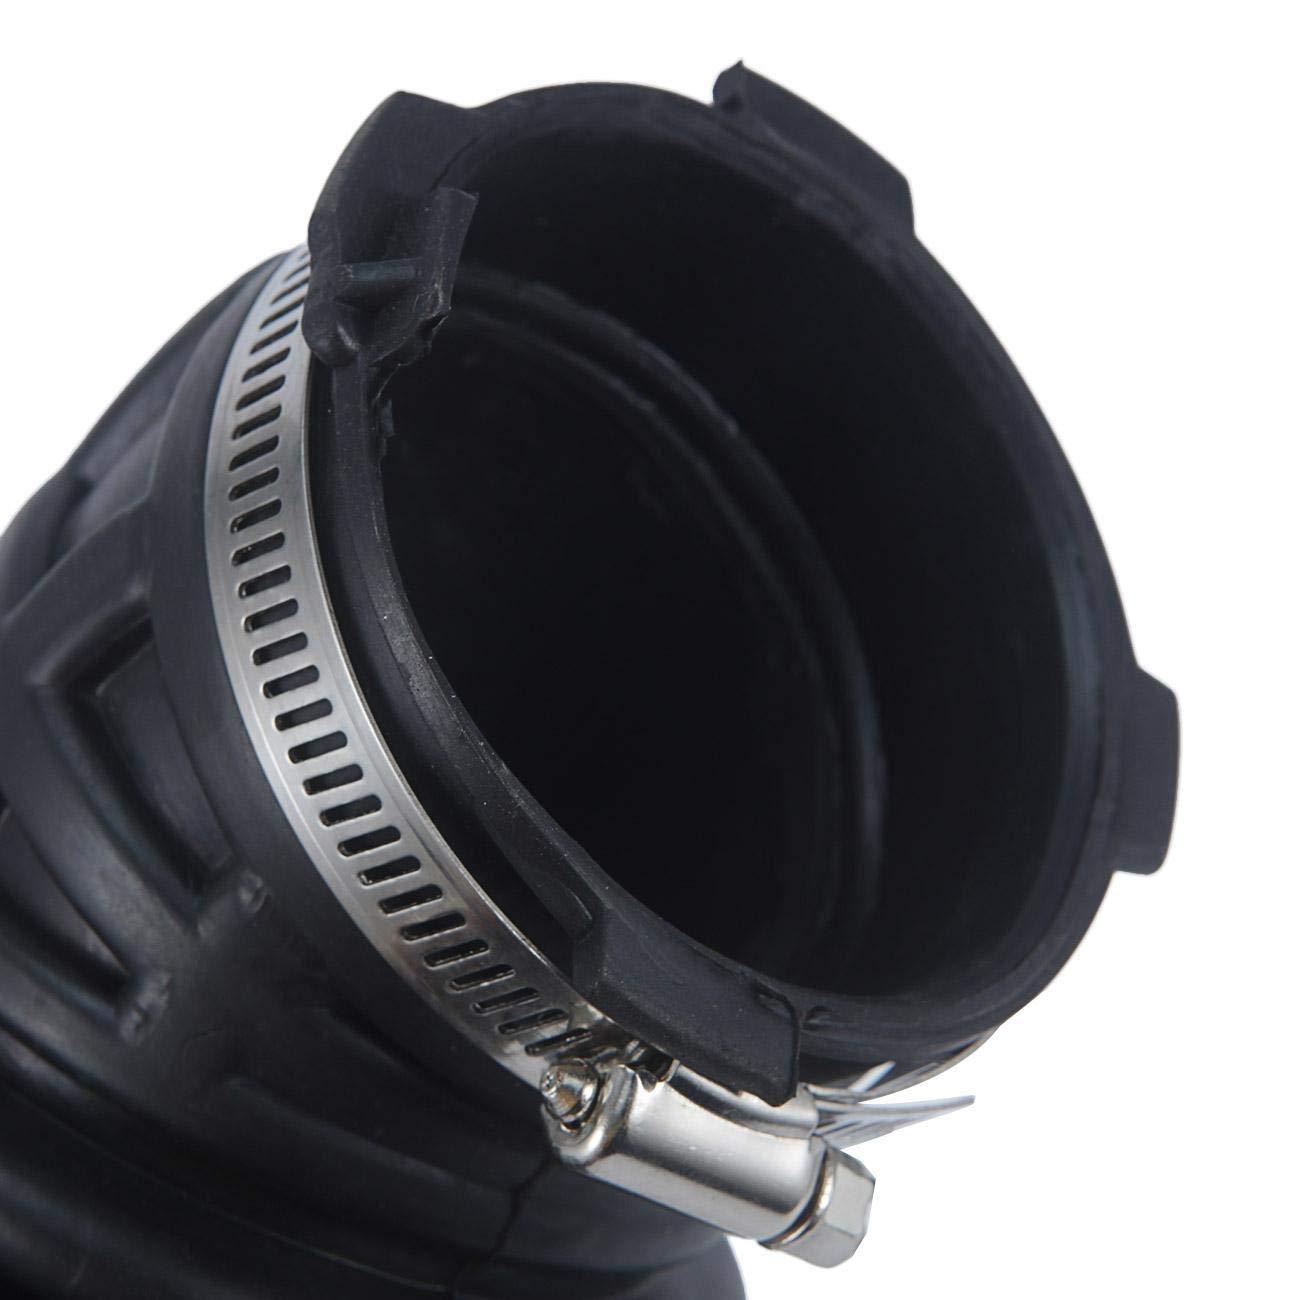 16576-ET00A Air Intake Tube Cleaner Hose Fits for Nissan Sentra 2007 2008 2009 2010 2011 2012 2.0L 16576-ET000